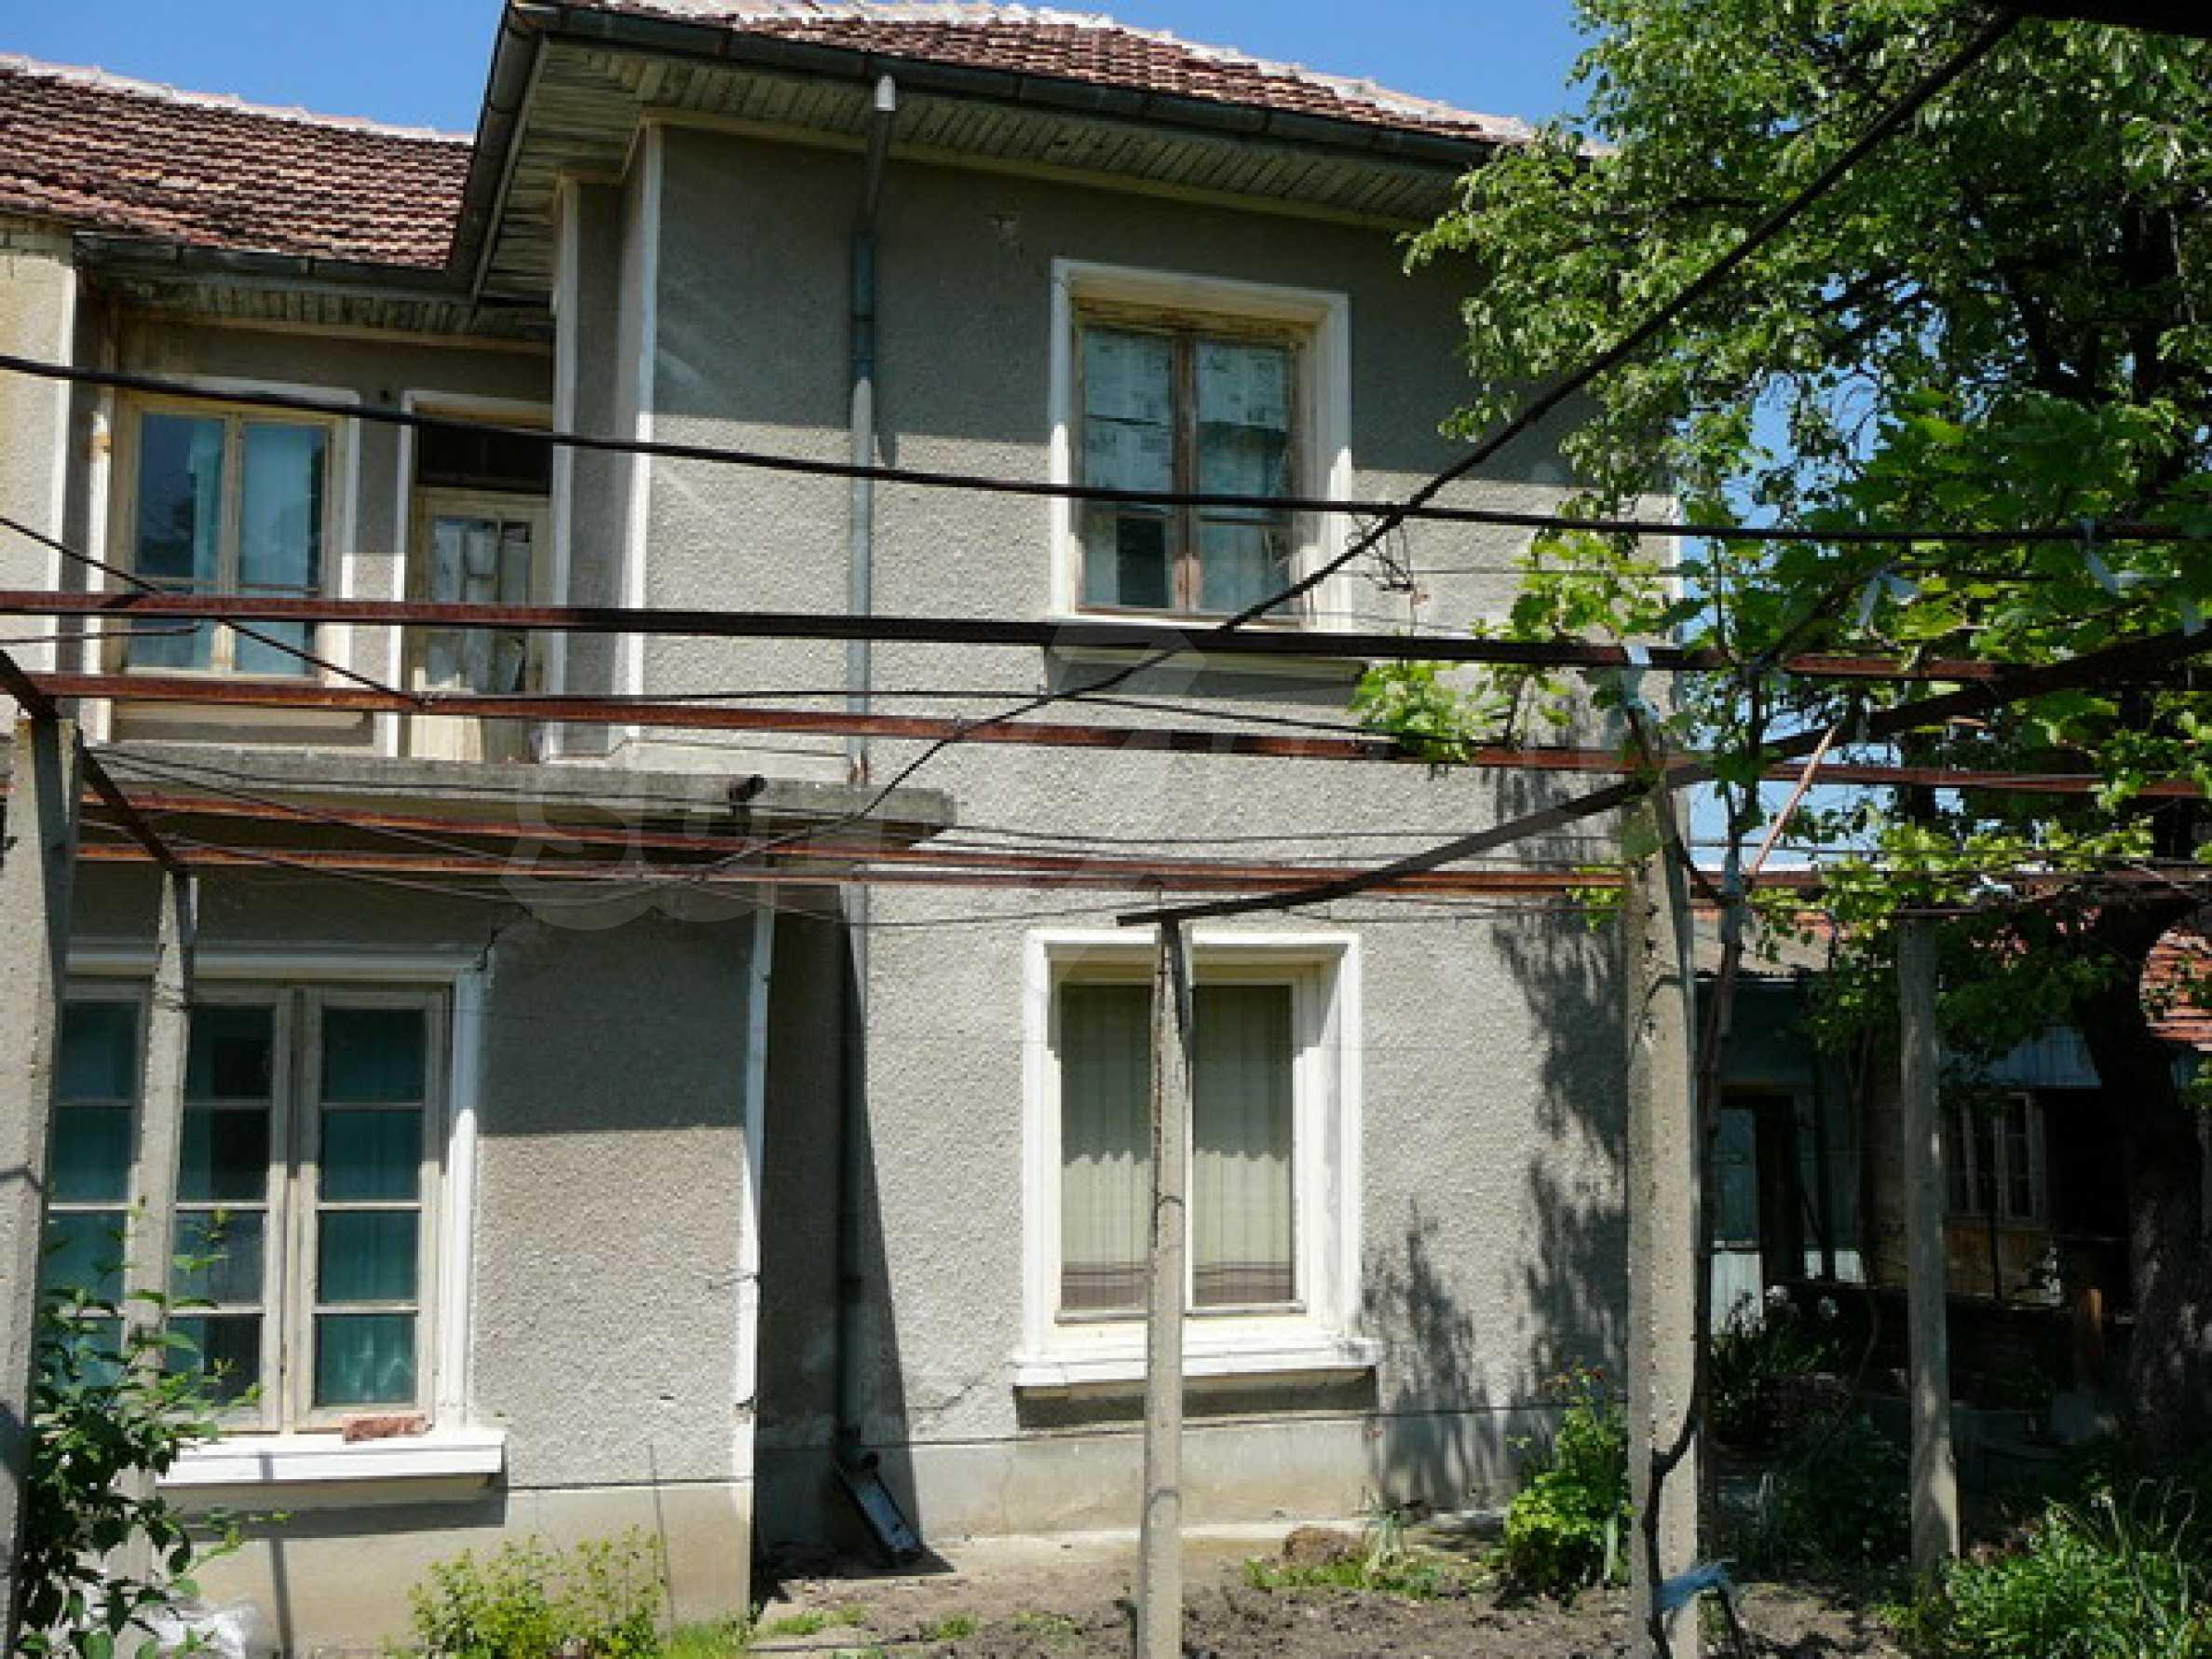 Къща за продажба близо до гр. Велико Търново 16